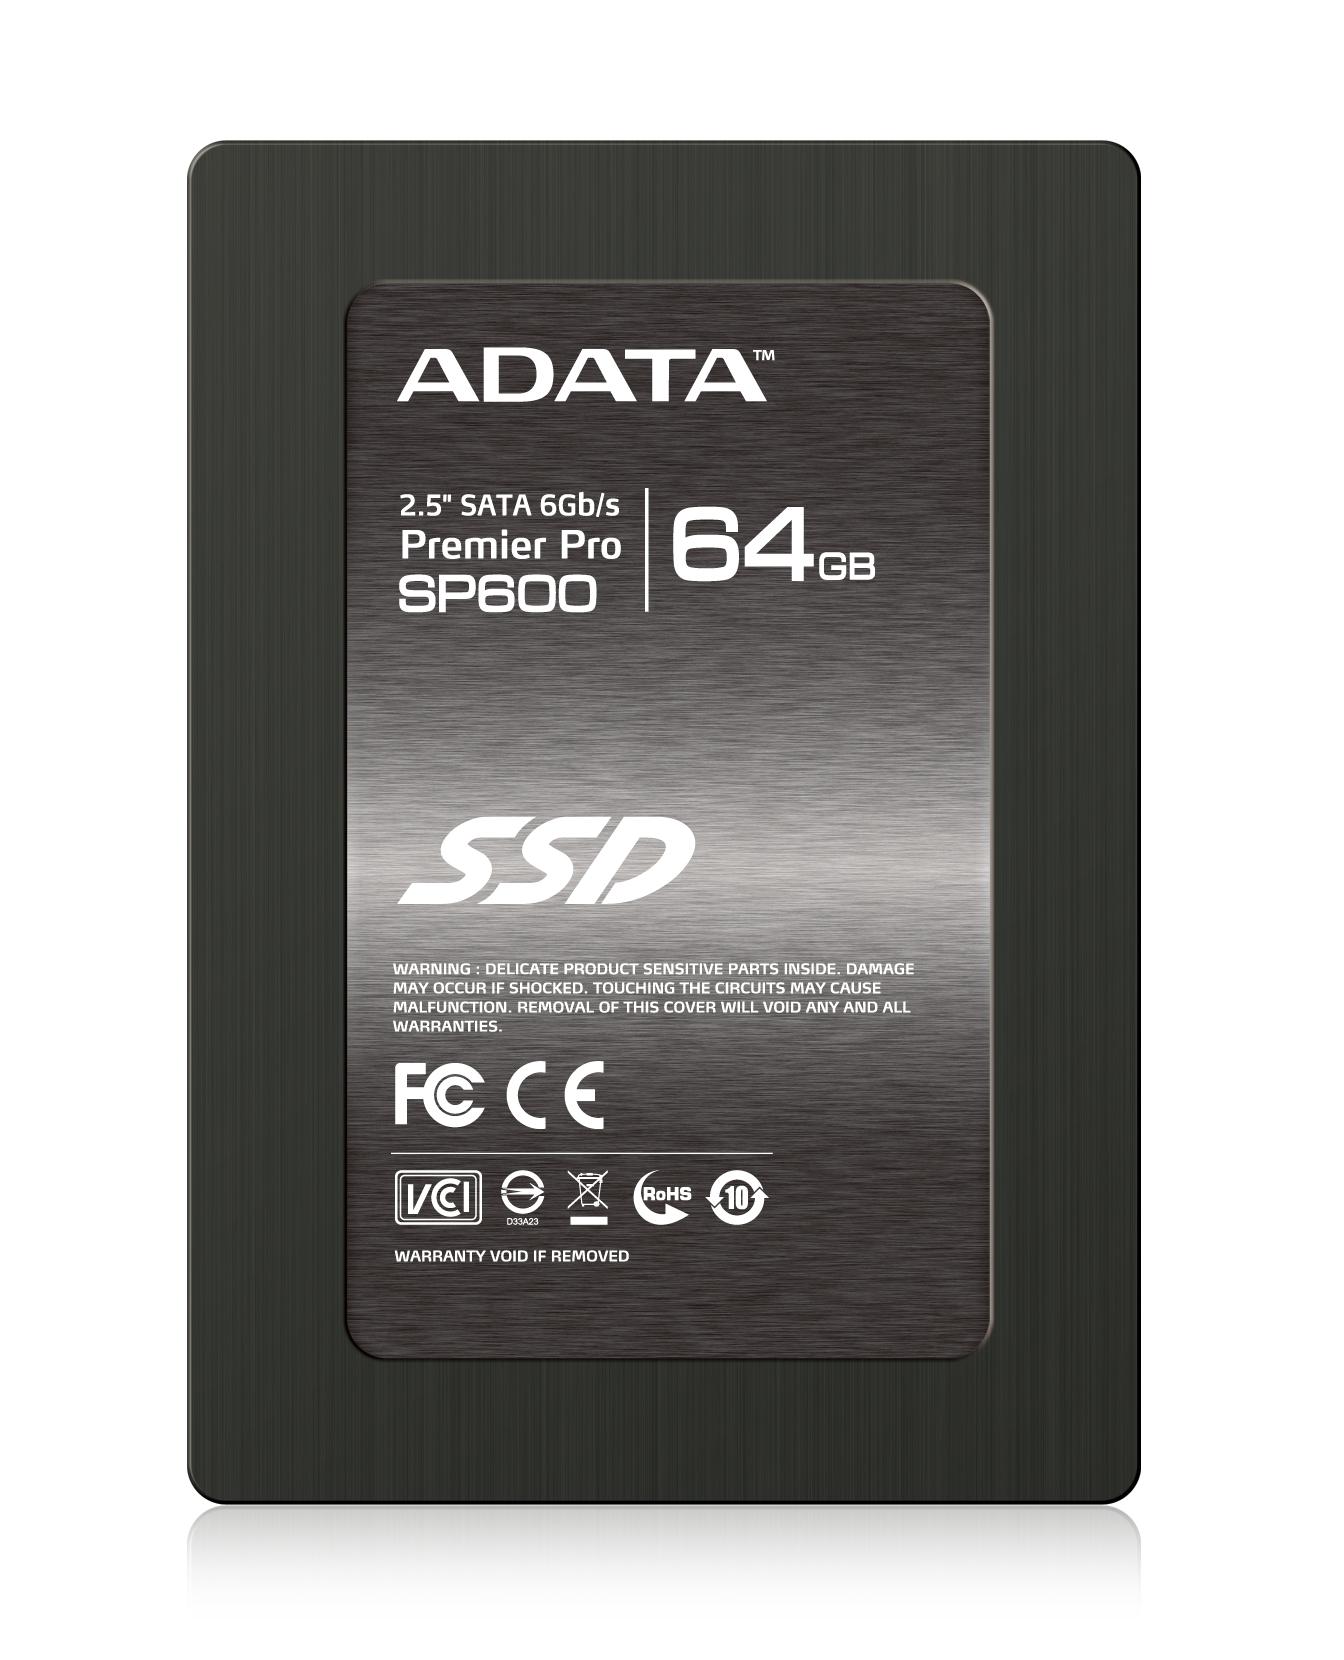 ADATA SSD SP600 64GB 2.5